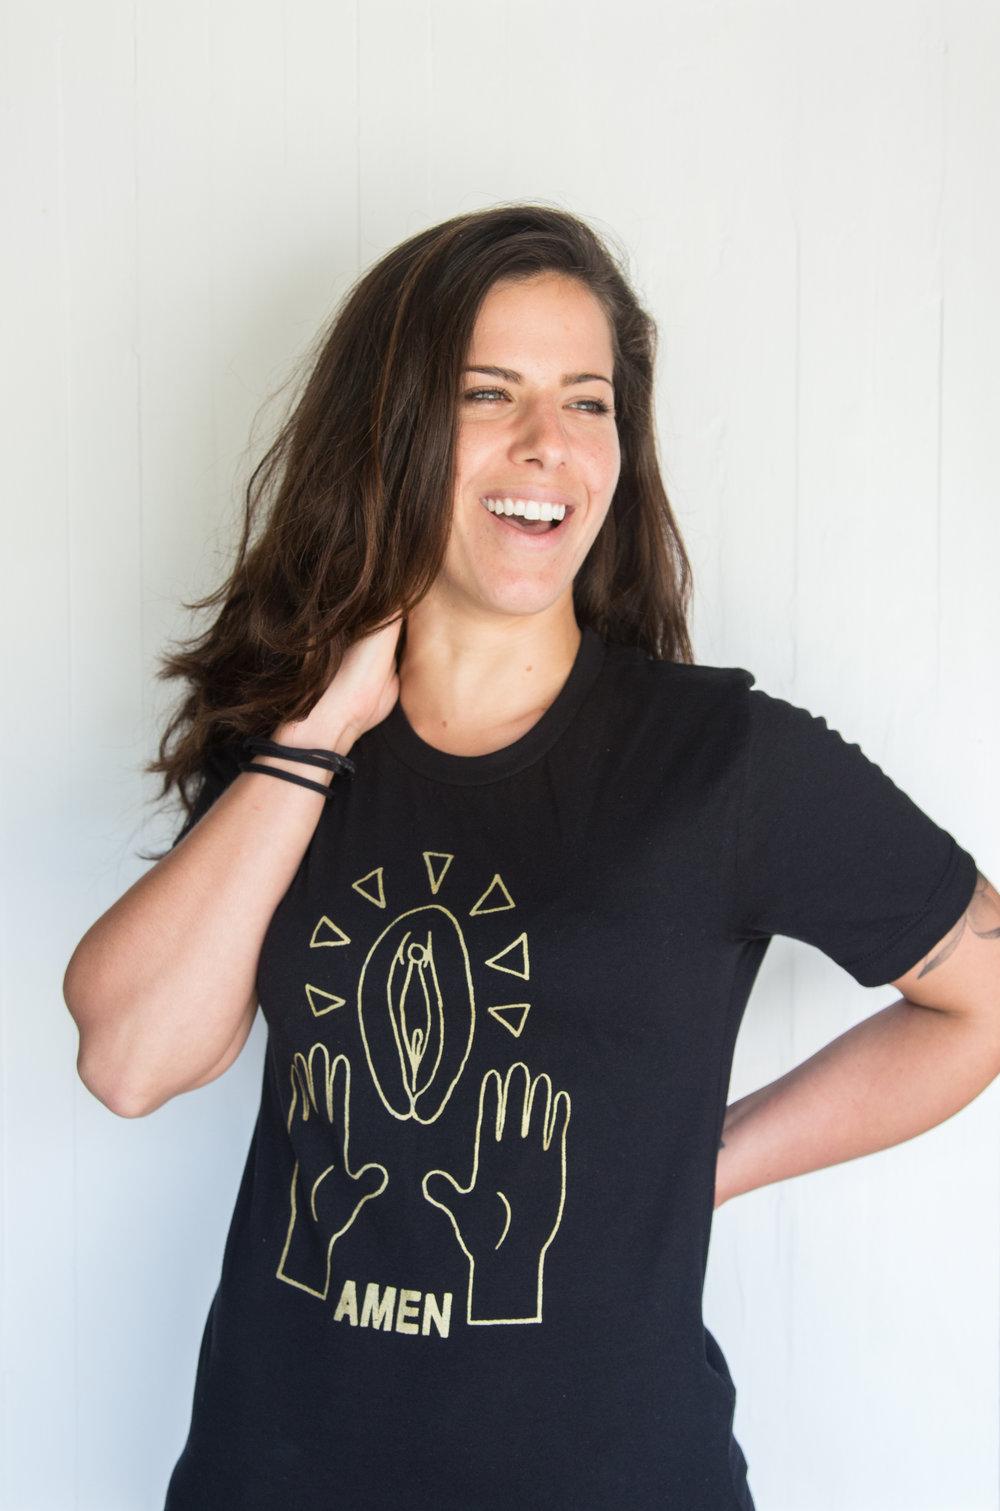 Bianca Pussy Praise shirt Gold-2.jpg